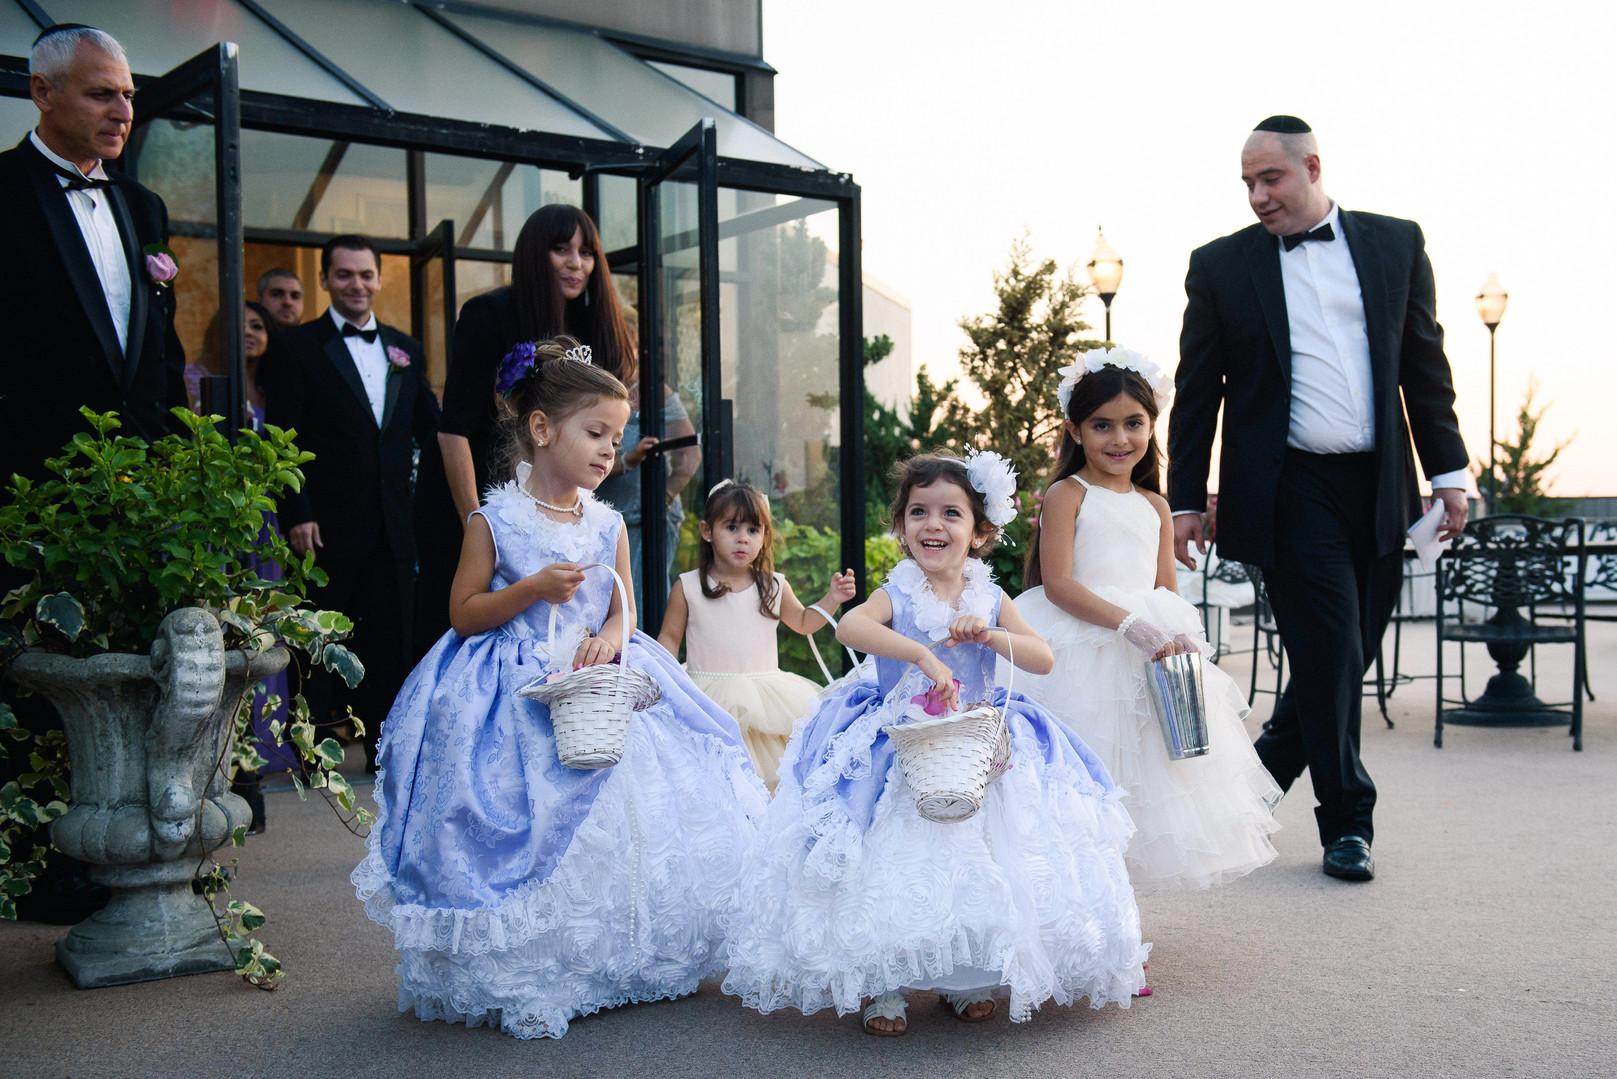 weddings-18-2.jpg